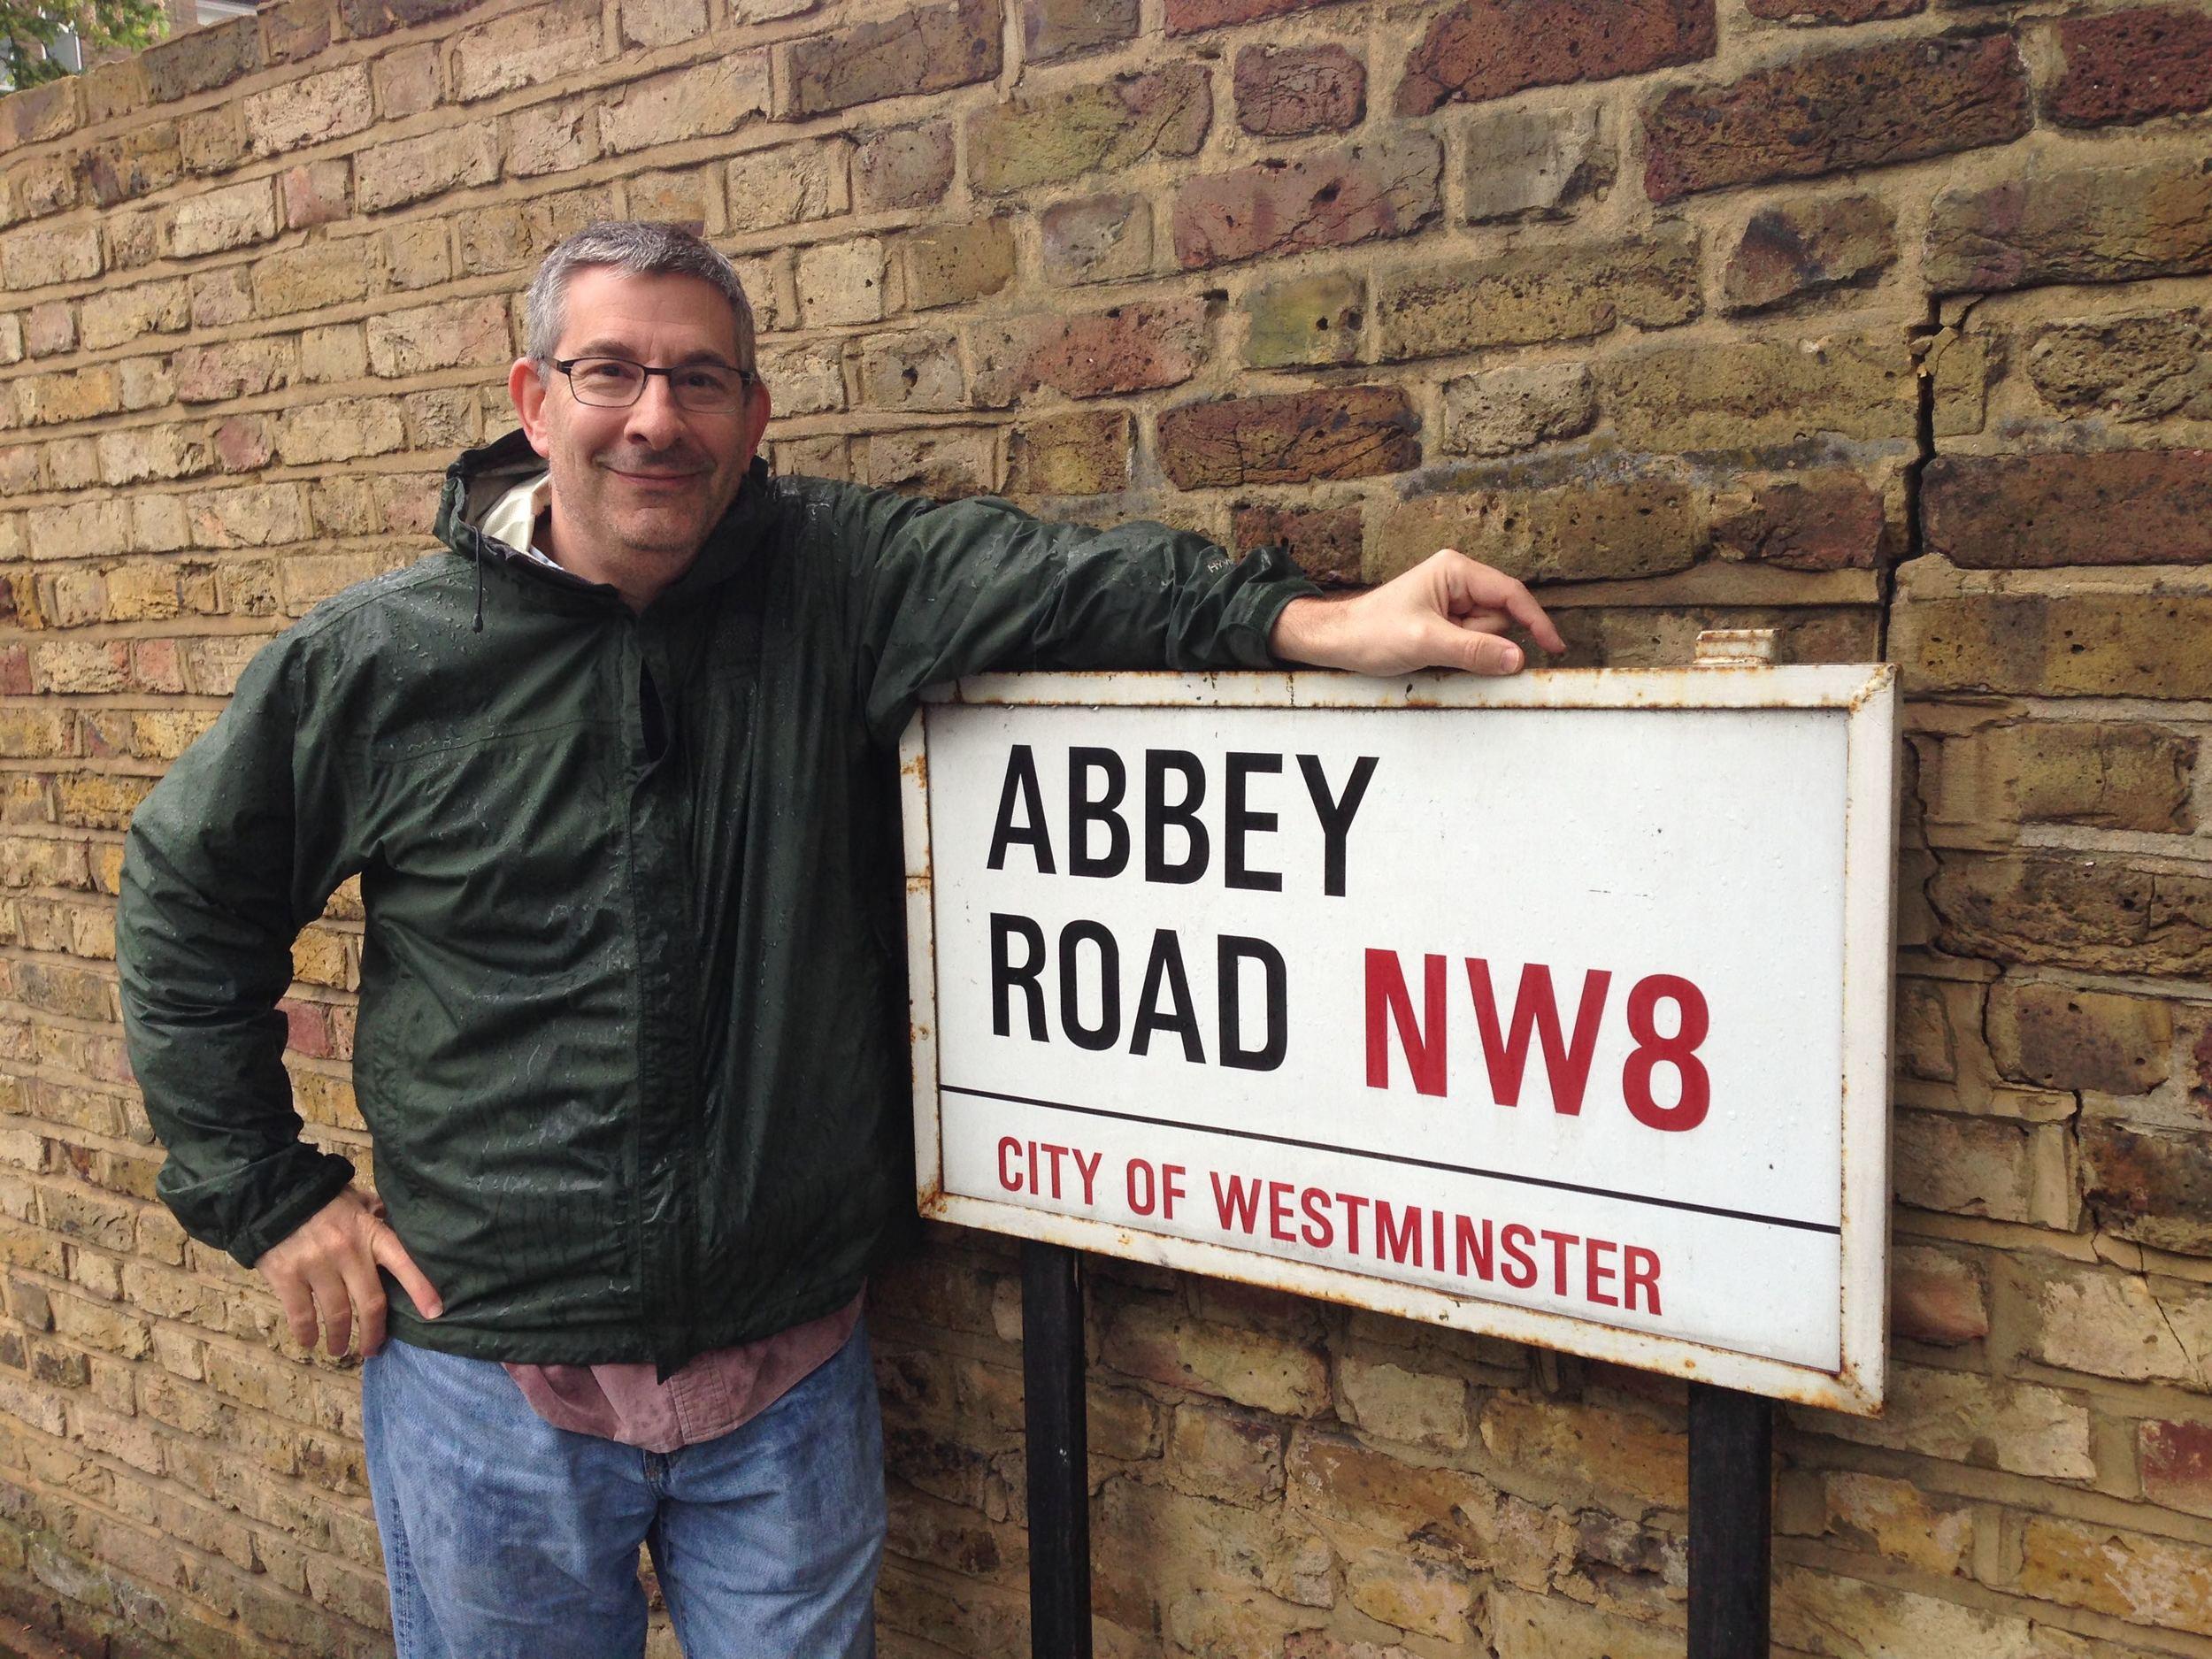 Scott at Abbey Road